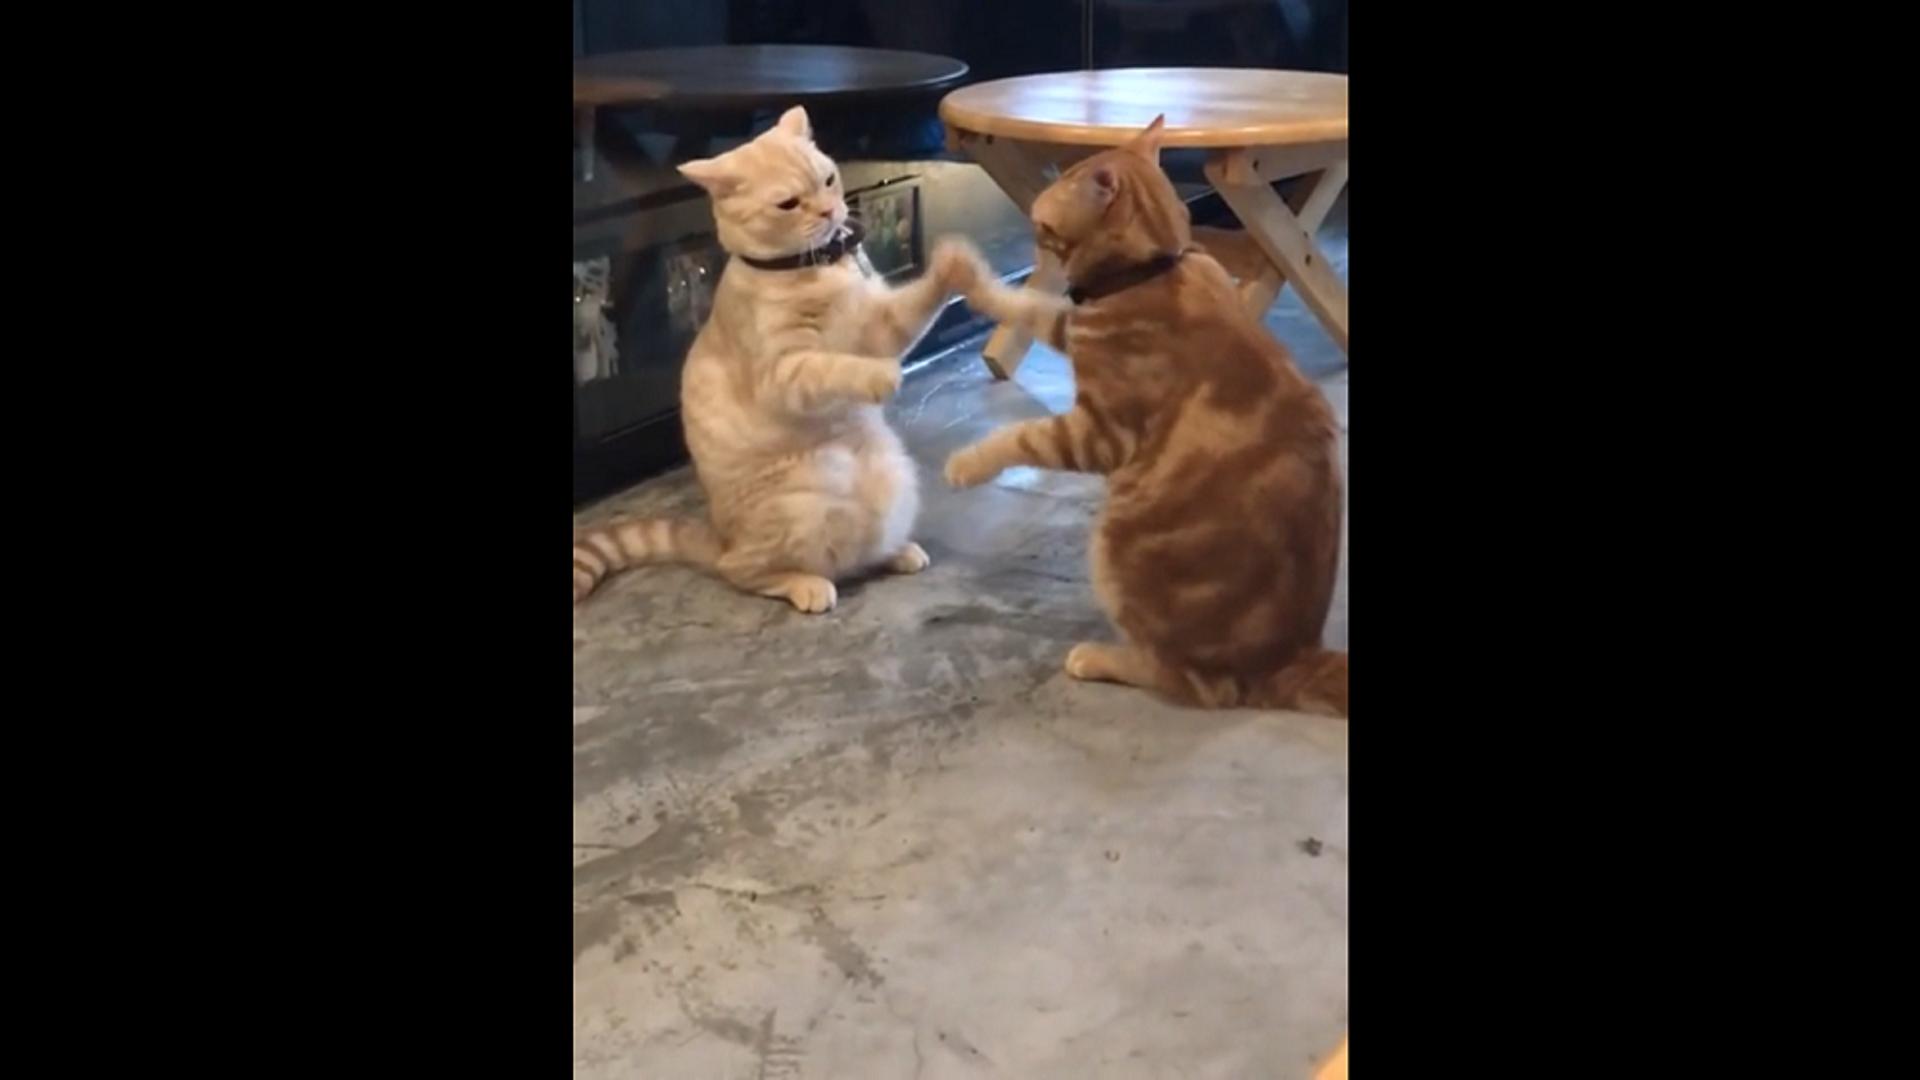 Котов застали за очень ленивой и монотонной дракой – забавное видео - Sputnik Грузия, 1920, 14.10.2021